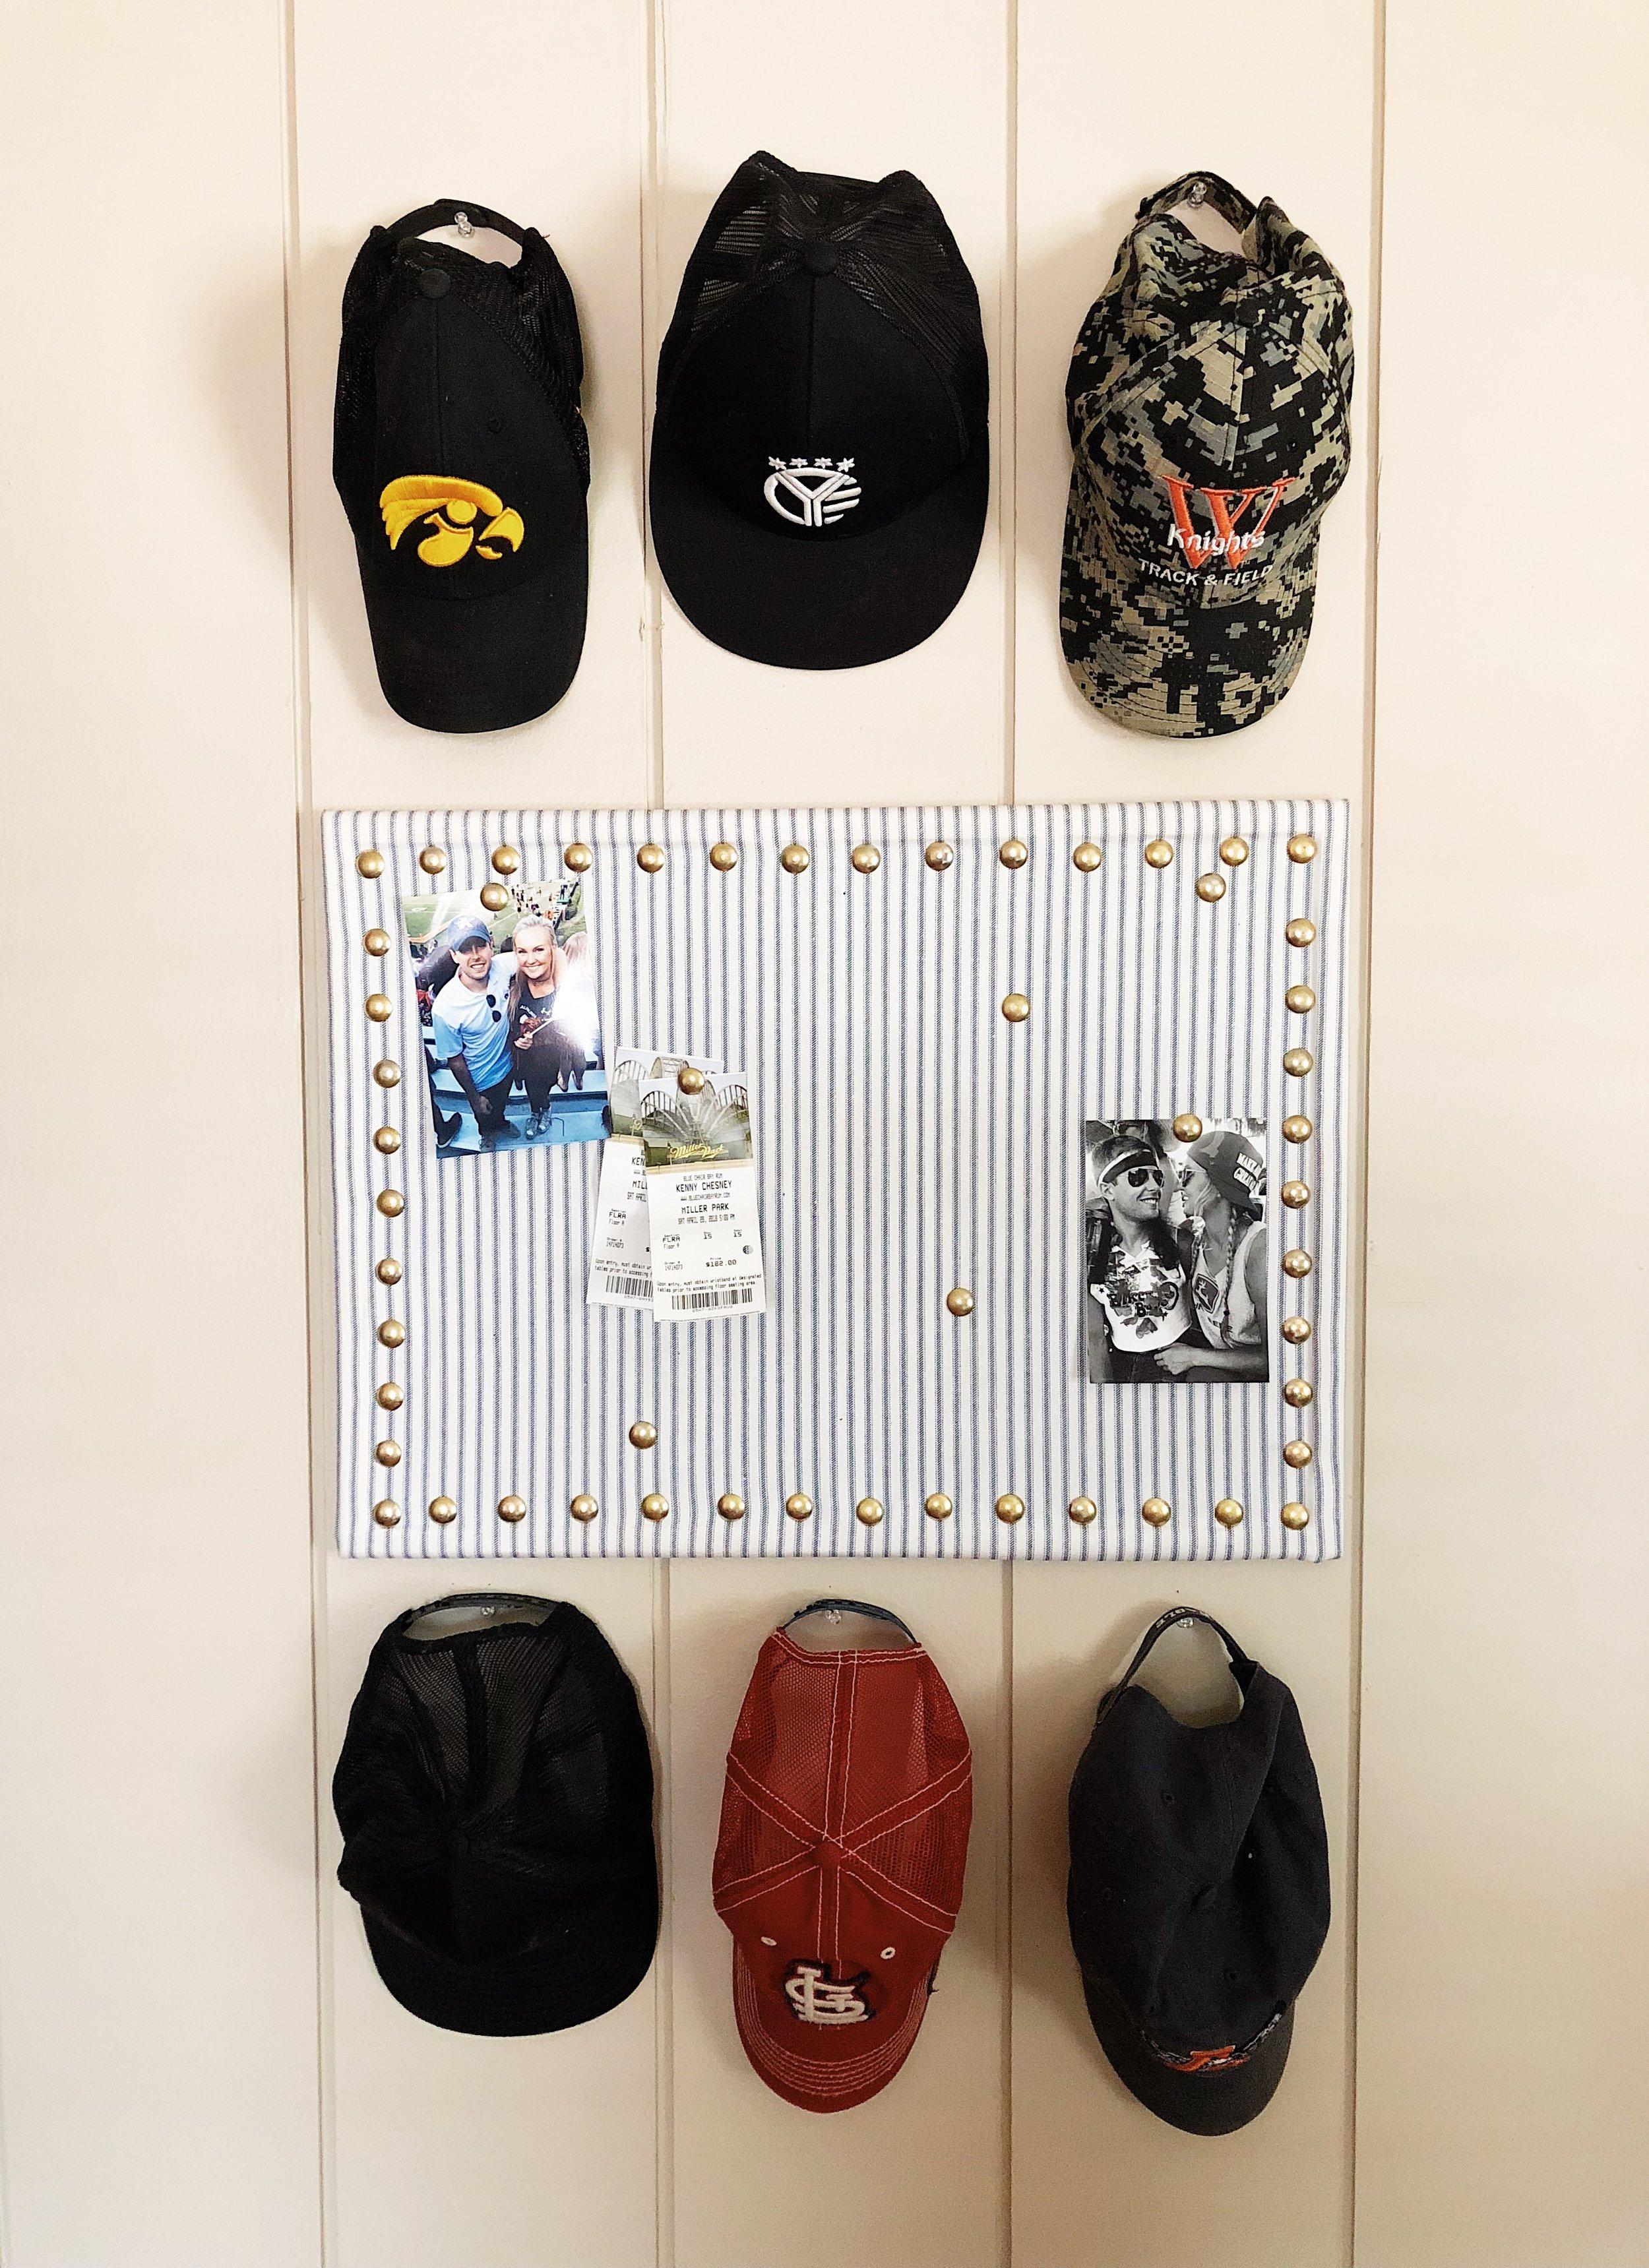 college-guy-apartment-bedroom-hat-iowa-hawkeyes.jpg